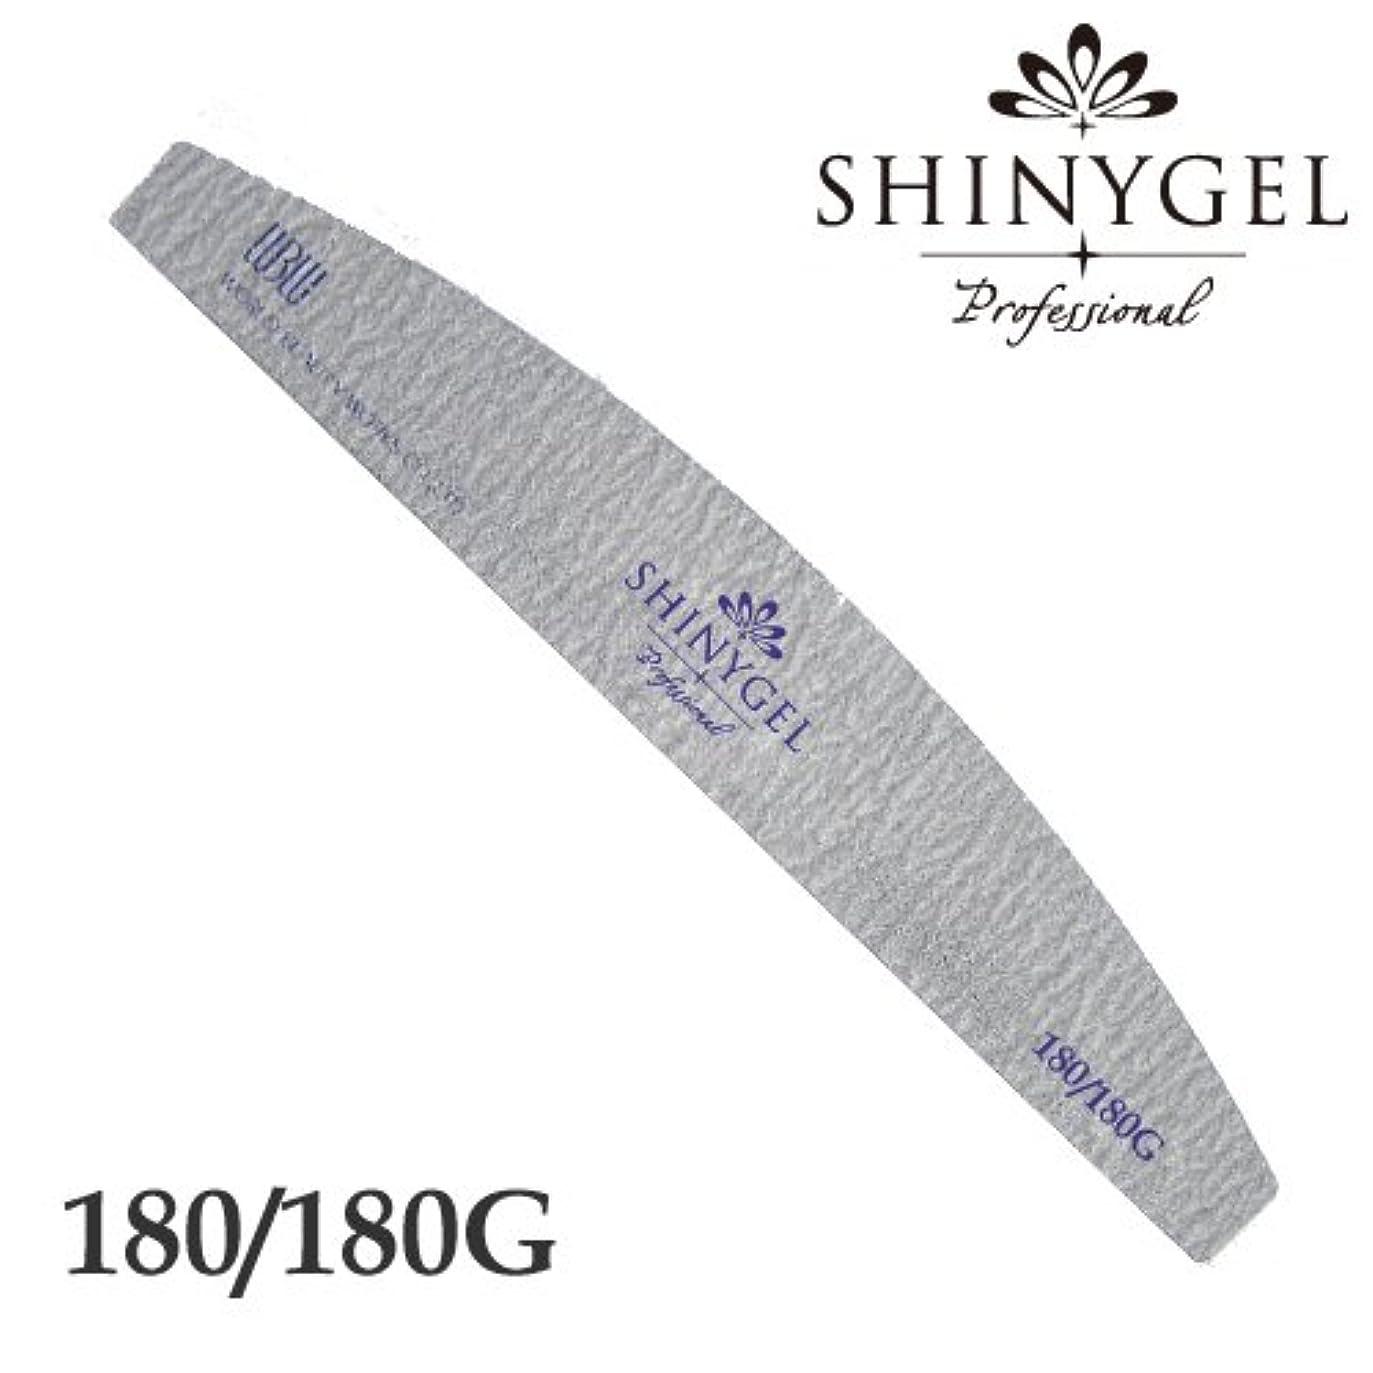 電極繁栄運動SHINYGEL Professional シャイニージェルプロフェッショナル ゼブラファイル ホワイト(アーチ型) 180/180G ジェルネイル 爪やすり